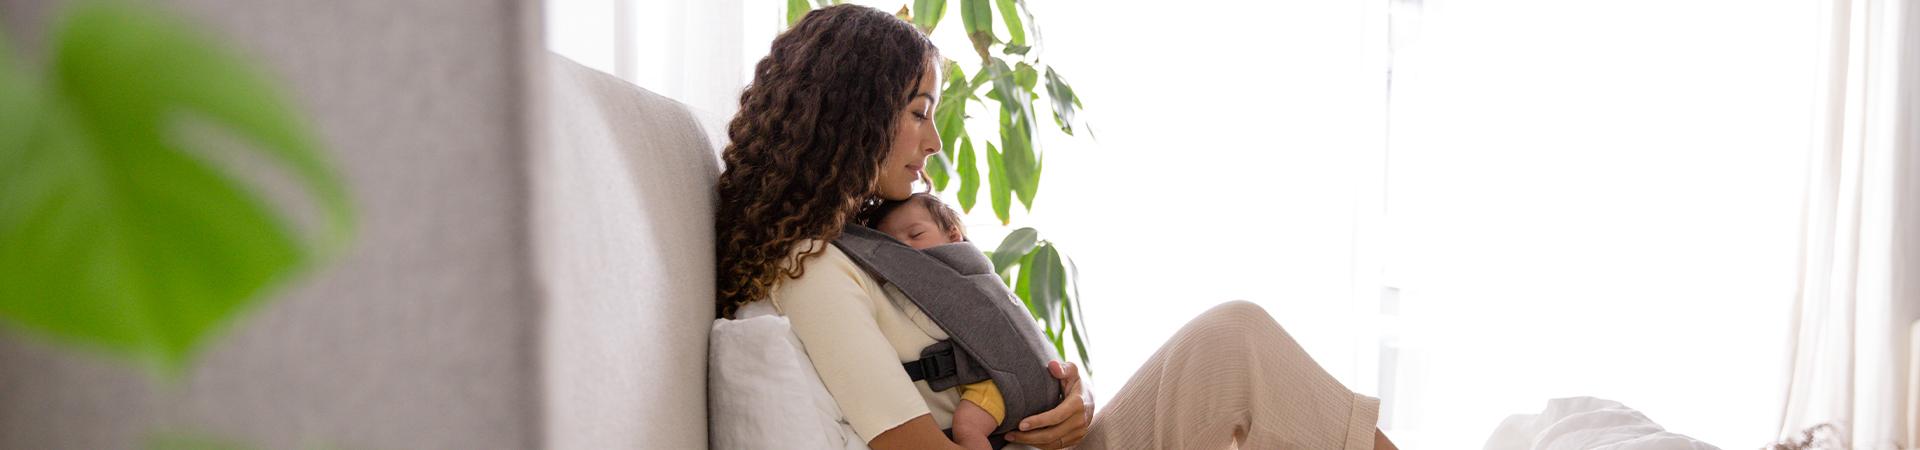 Il confortevole marsupio per neonati Embrace